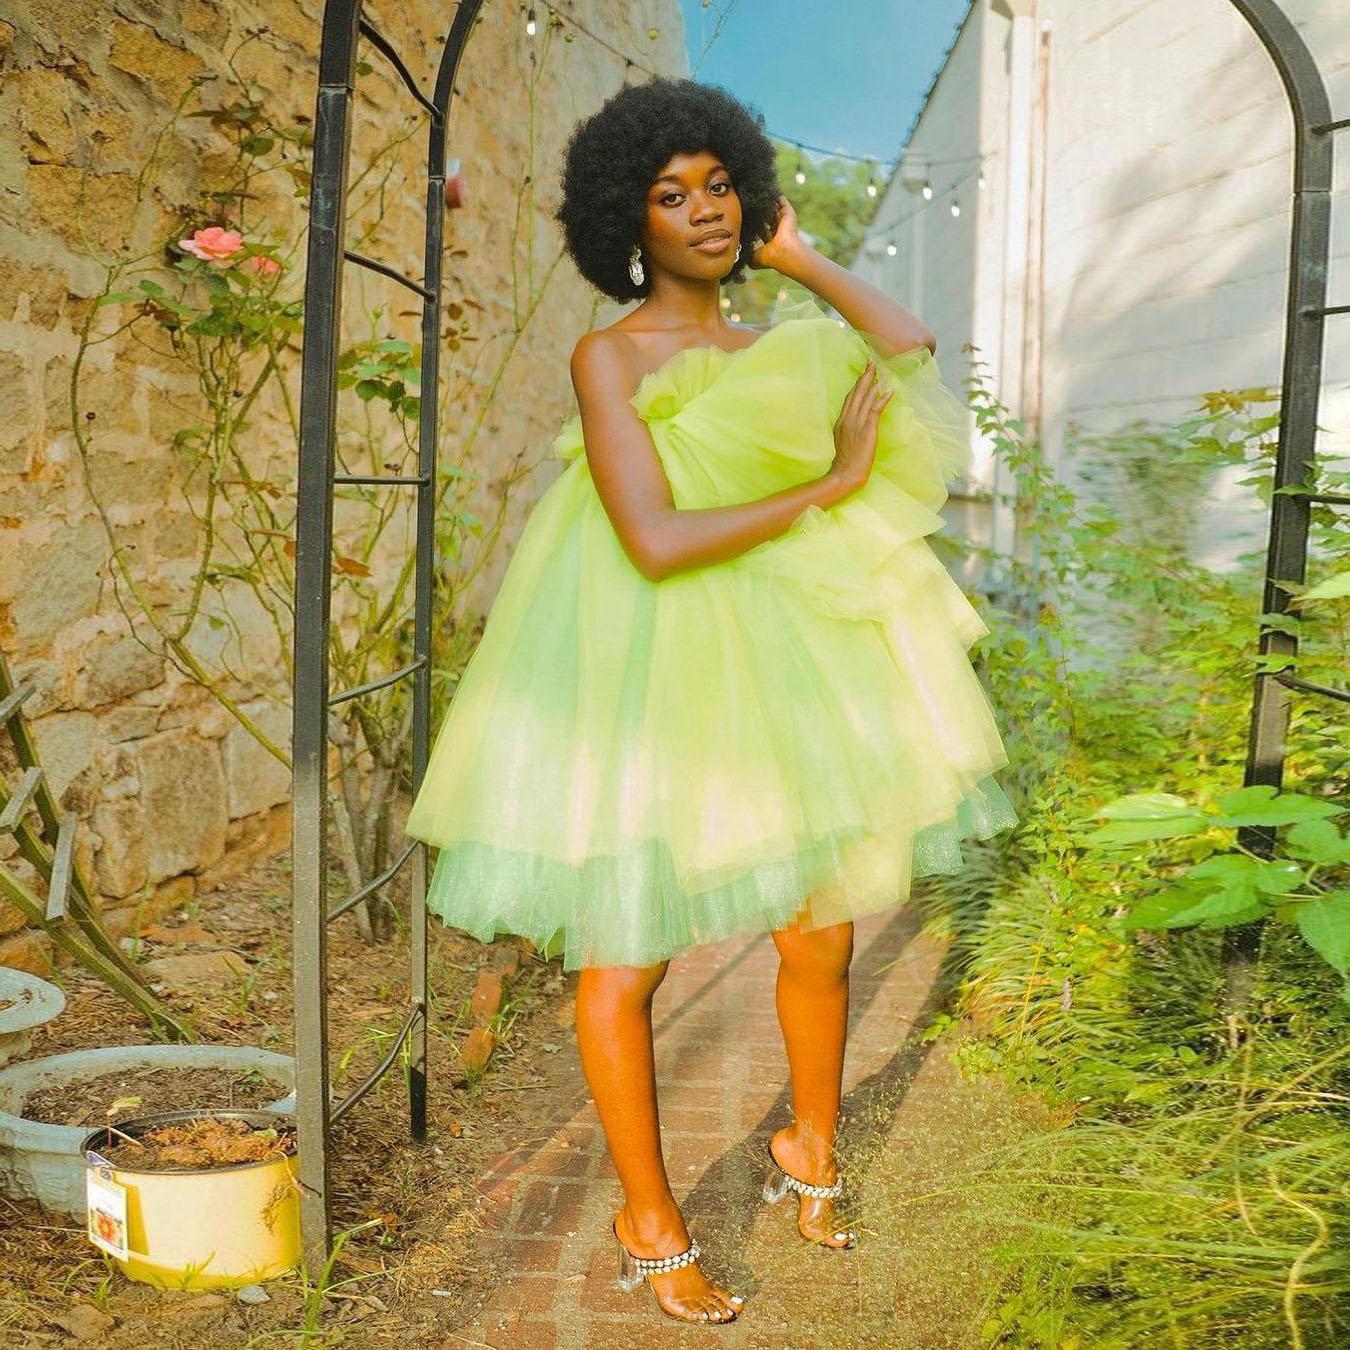 أخضر فاتح بسيط فستان نسائي أنيق بدون حمالات تول كشكش الطبقات طول الركبة فستان سهرة حجم كبير التصوير حجم كبير